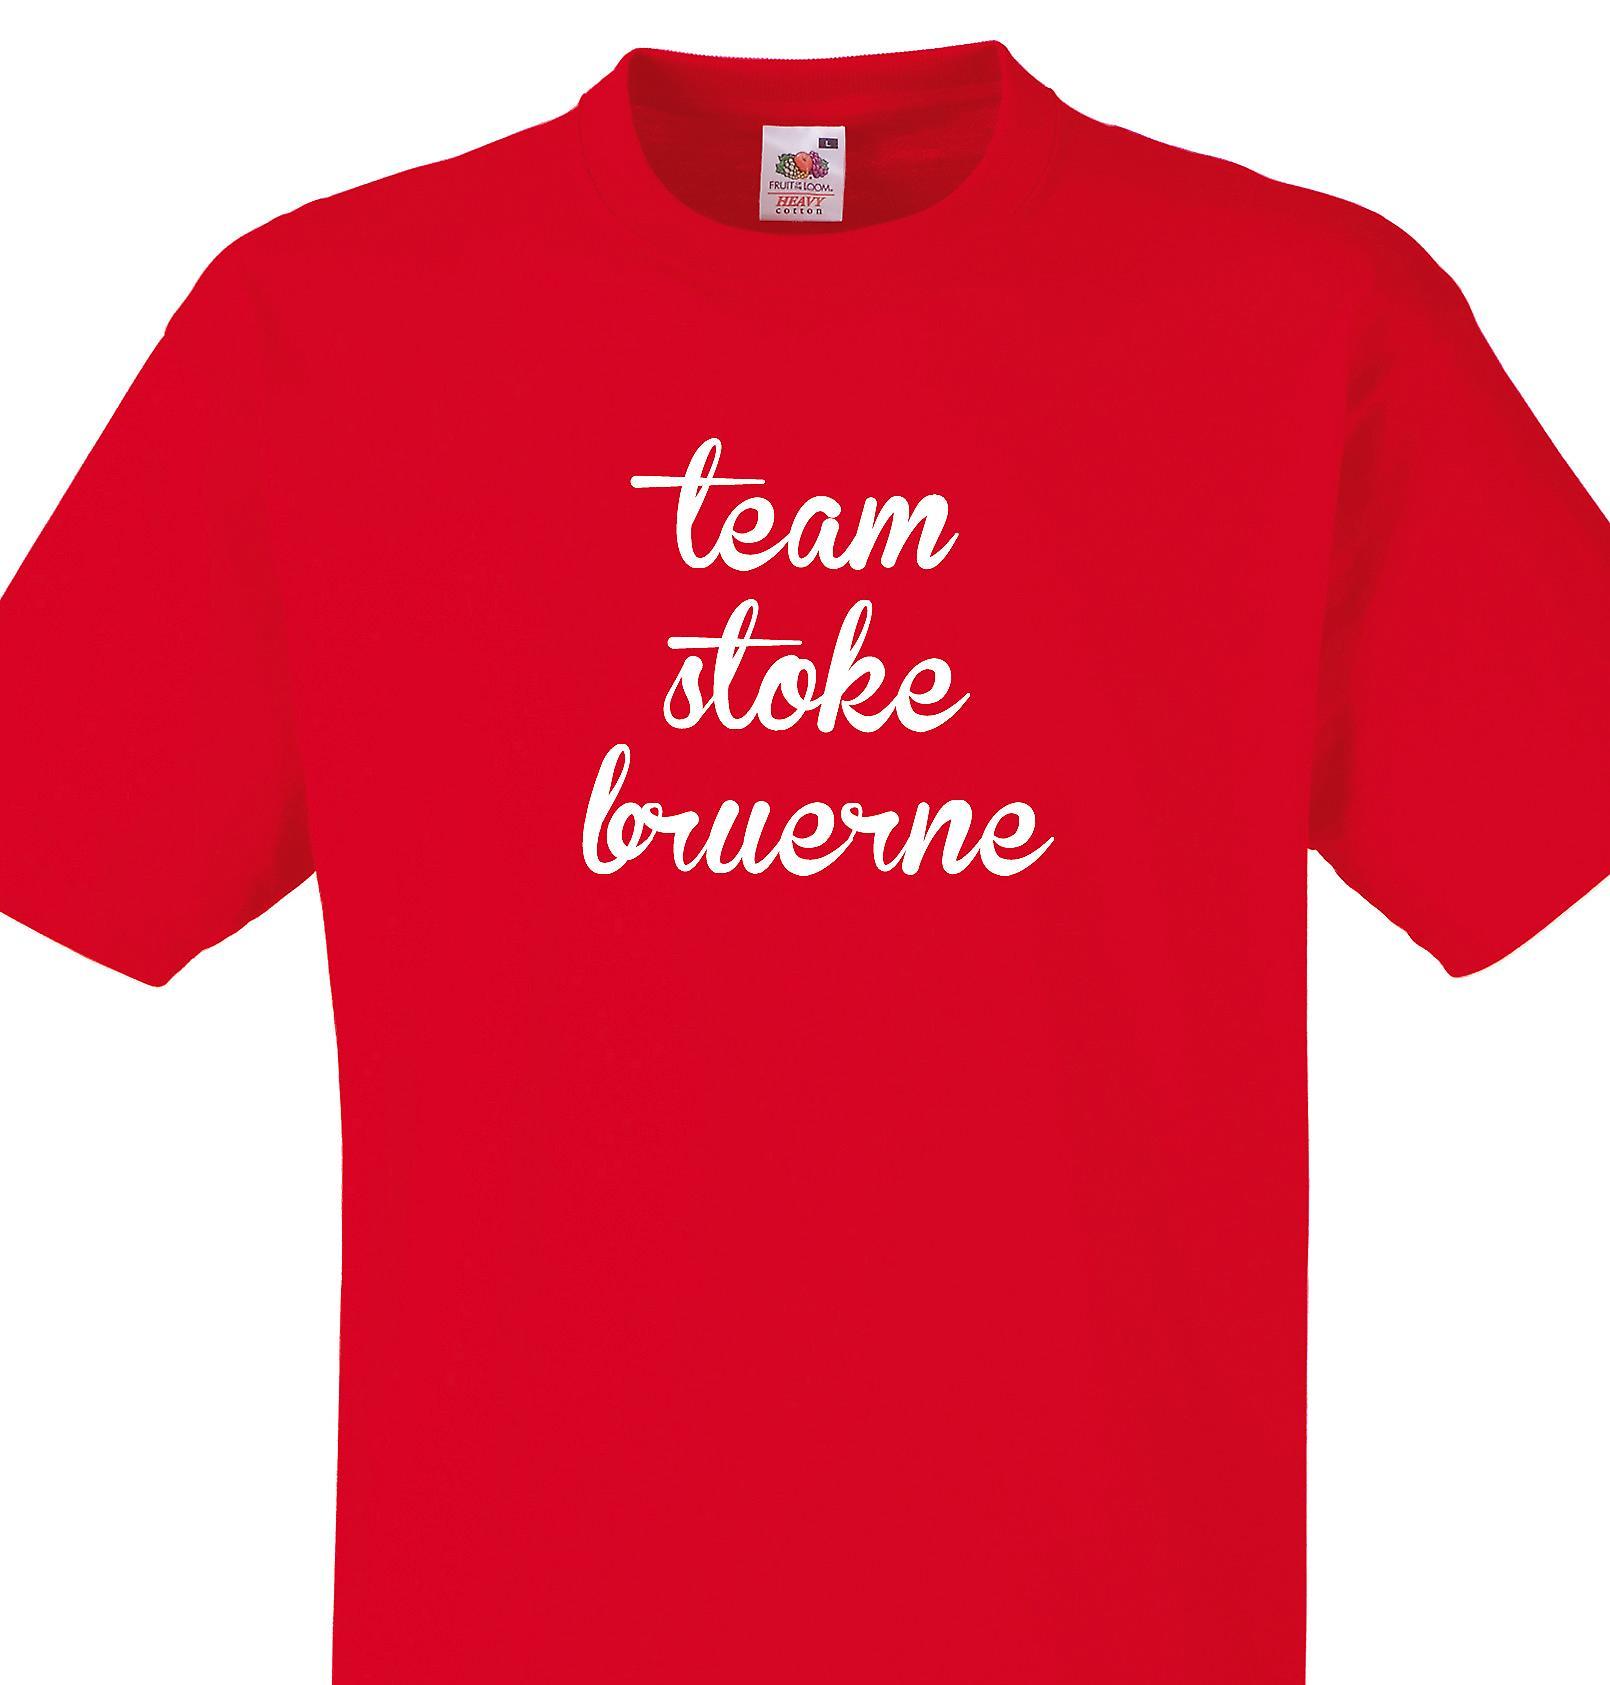 Team Stoke bruerne Red T shirt